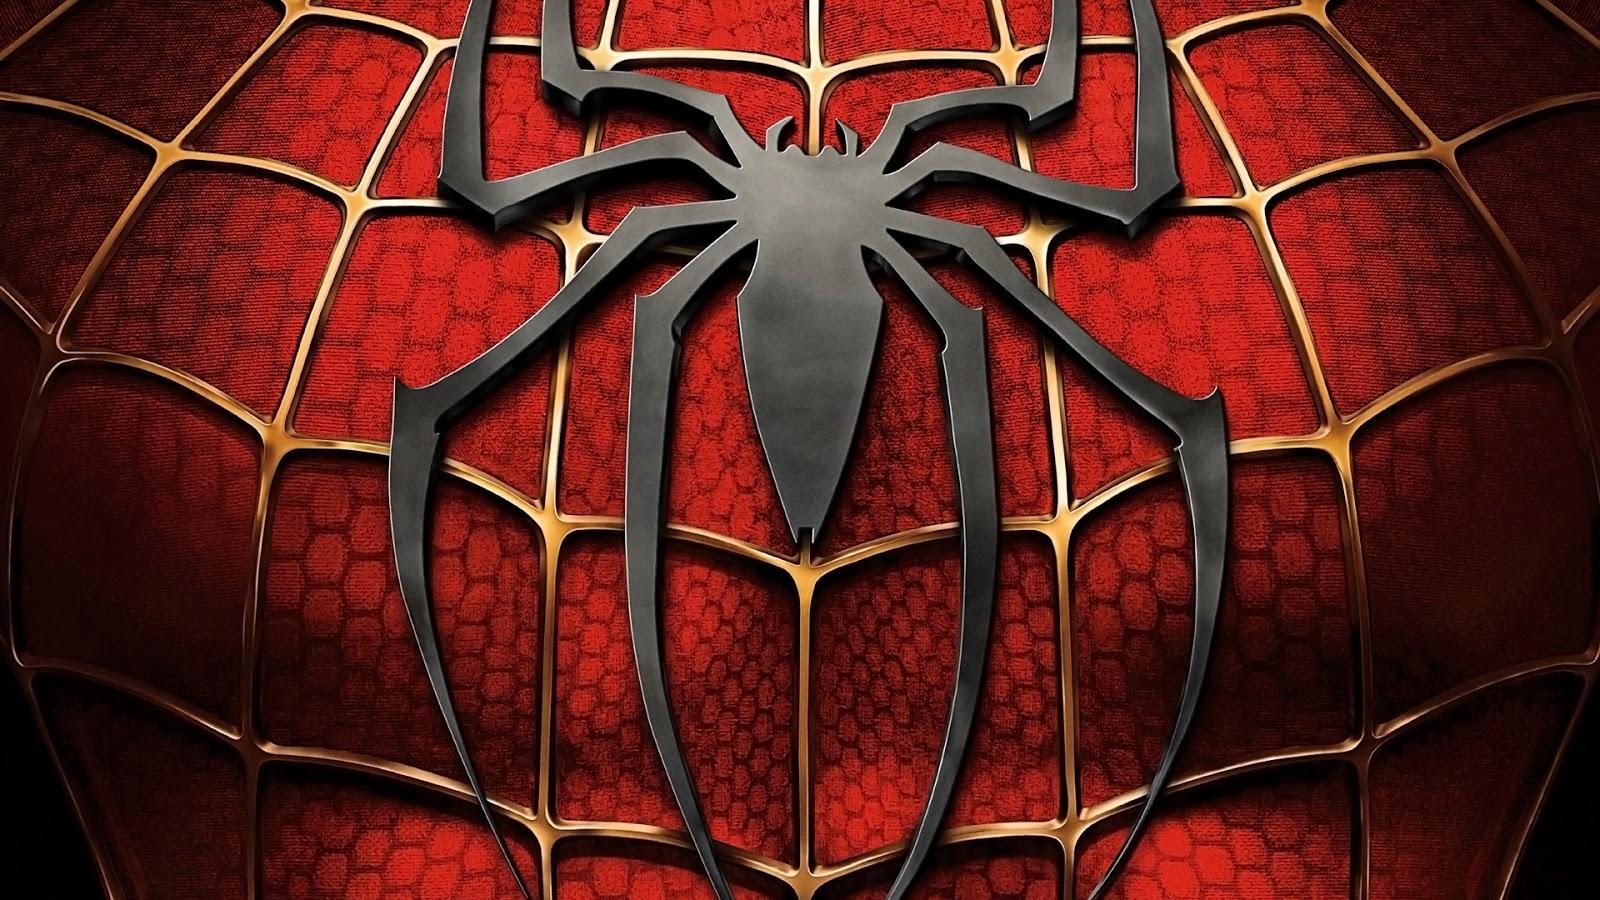 Spiderman Tattoo Wallpaper New